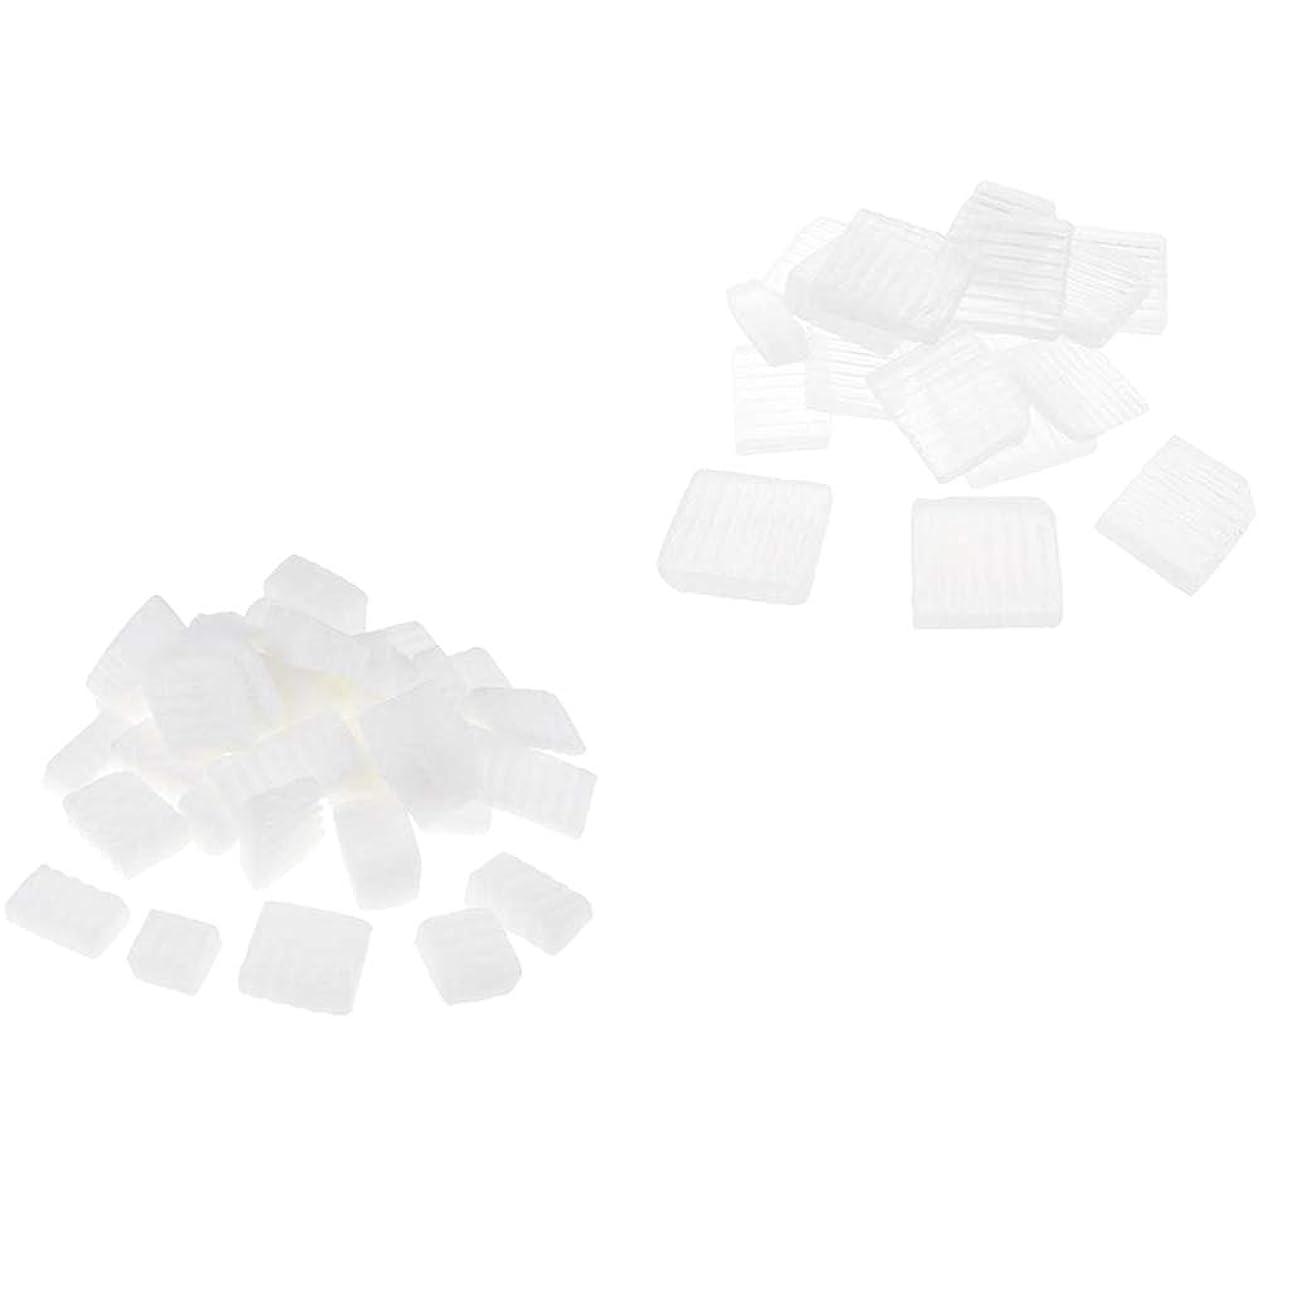 気質冗談で記録D DOLITY 固形せっけん 2KG ホワイトクリア DIY工芸 手作り バス用品 石鹸製造 創造力 2種 混合